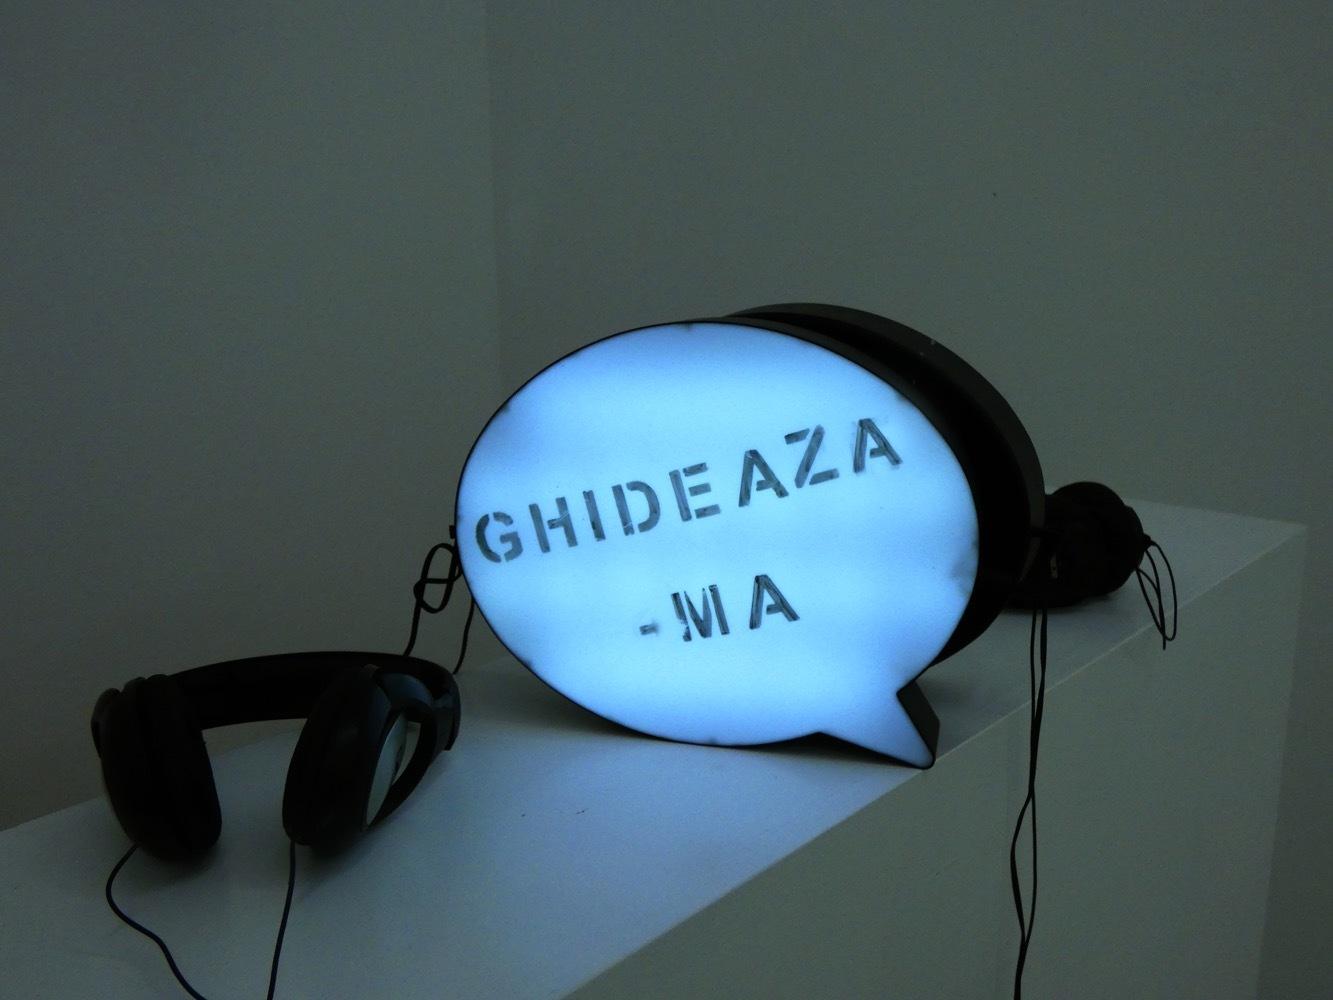 Cristina David & Ivana Pegan Bace, Ghideaza-ma, Guide me